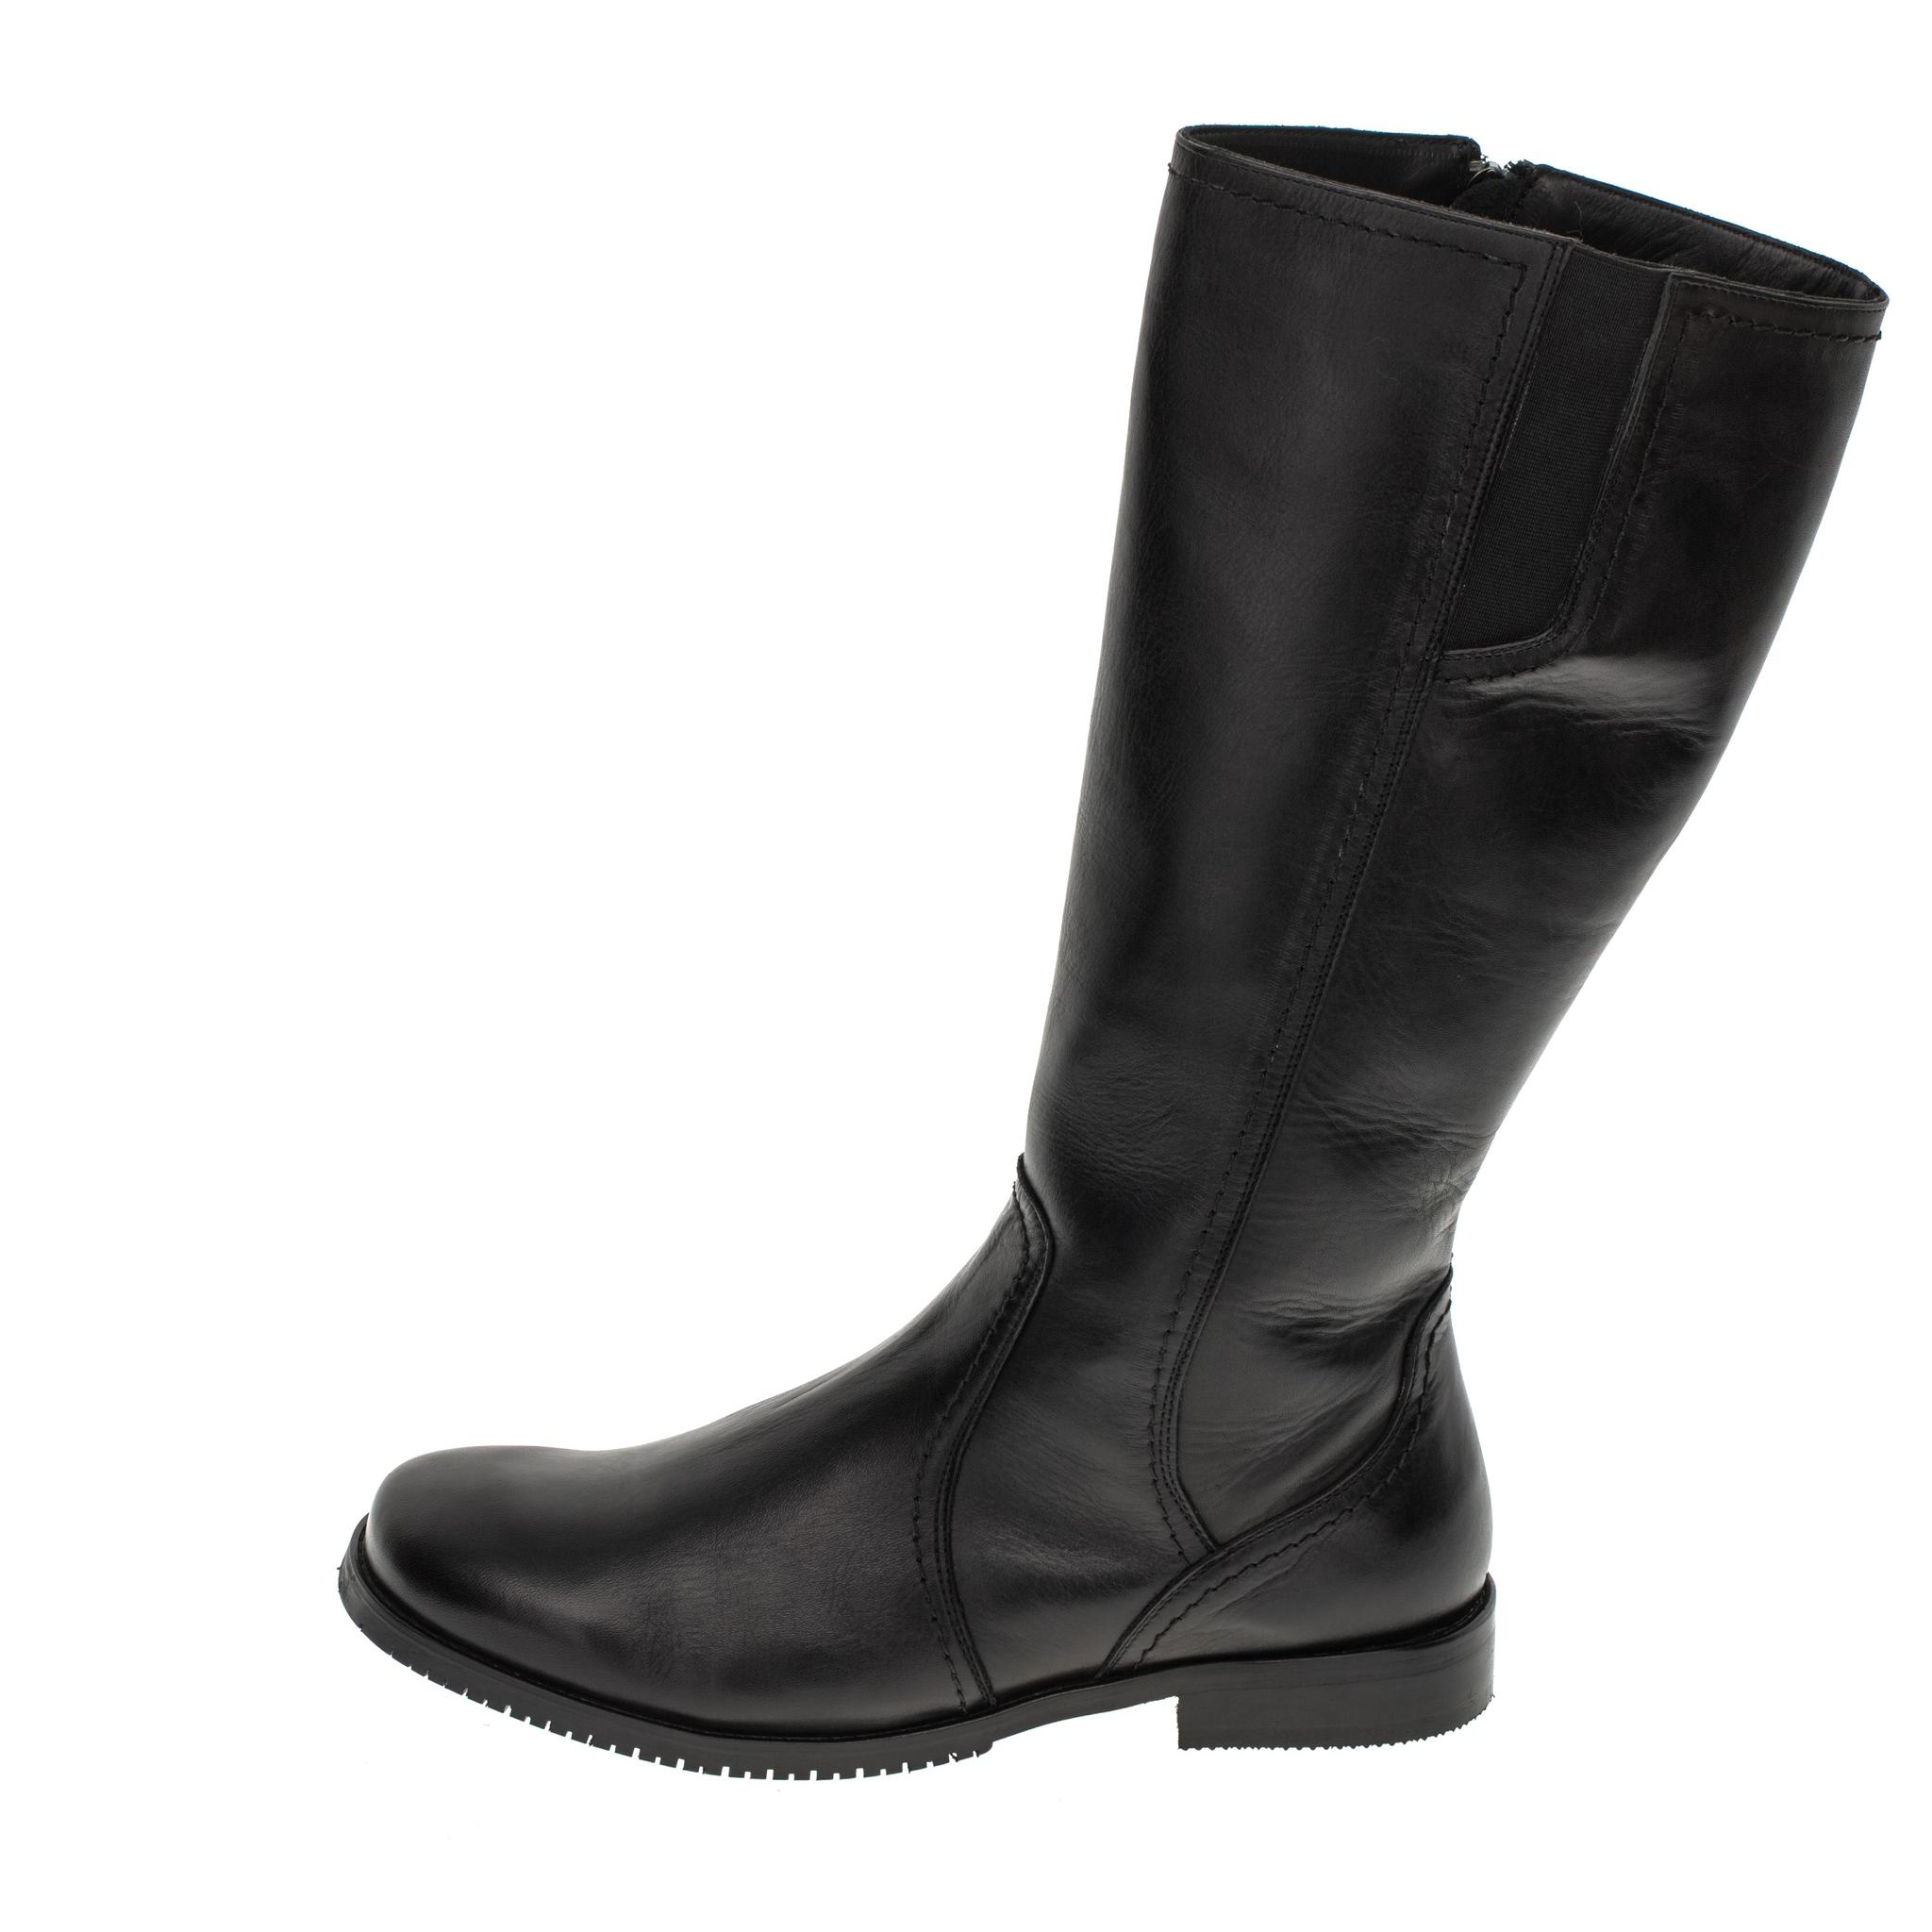 559570 сапоги женские черные больших размеров марки Делфино